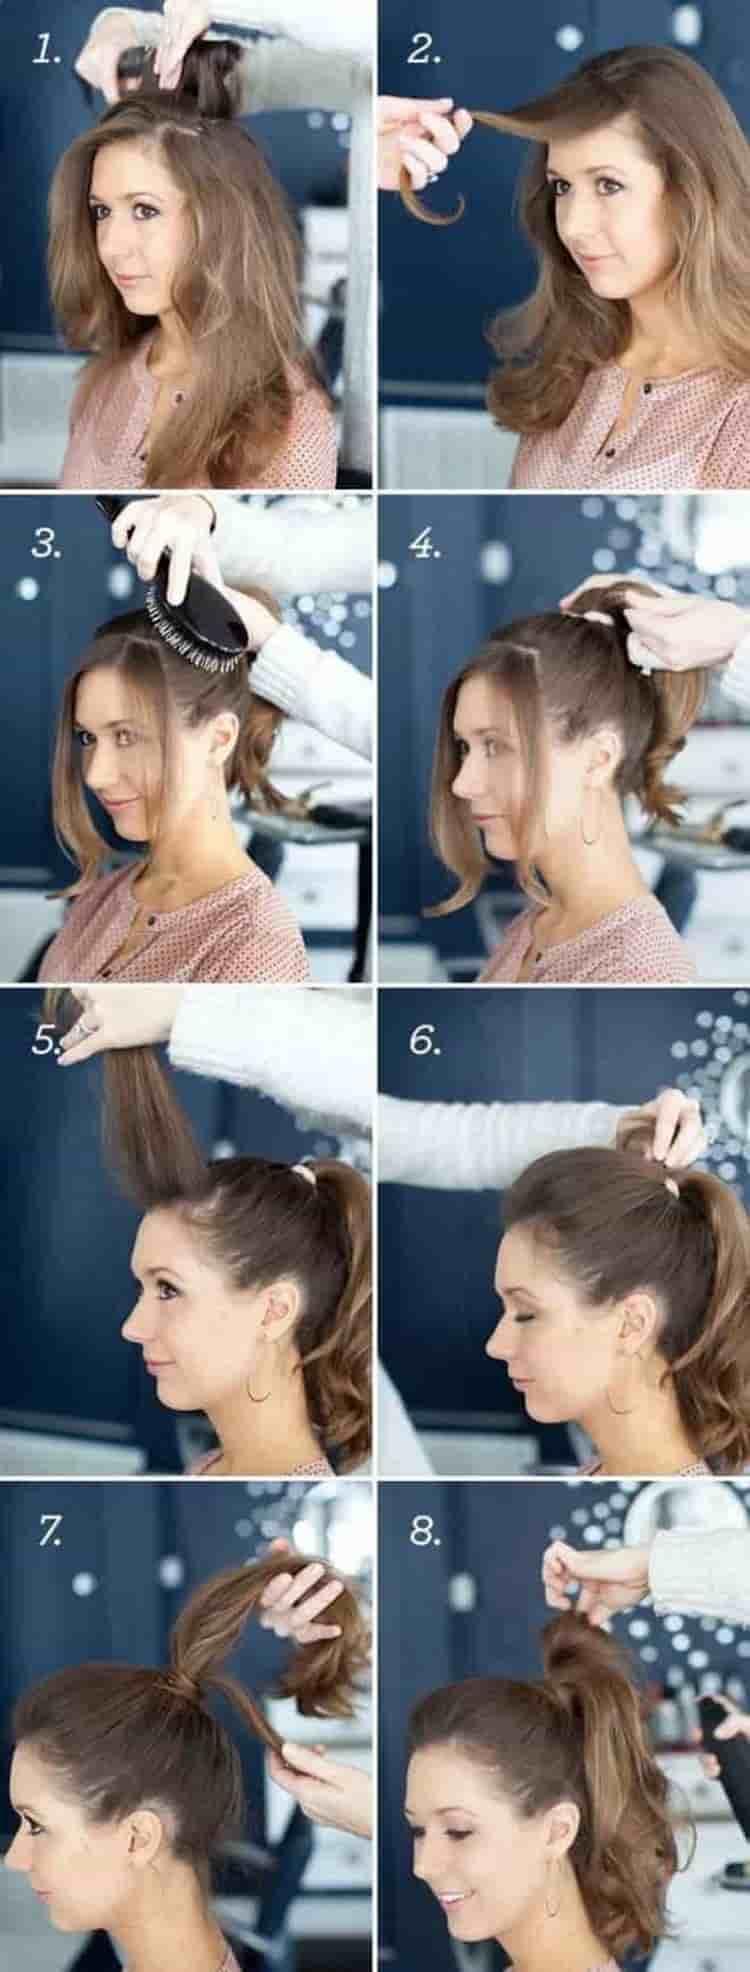 Прически с локонами на короткие волосы делаются легко